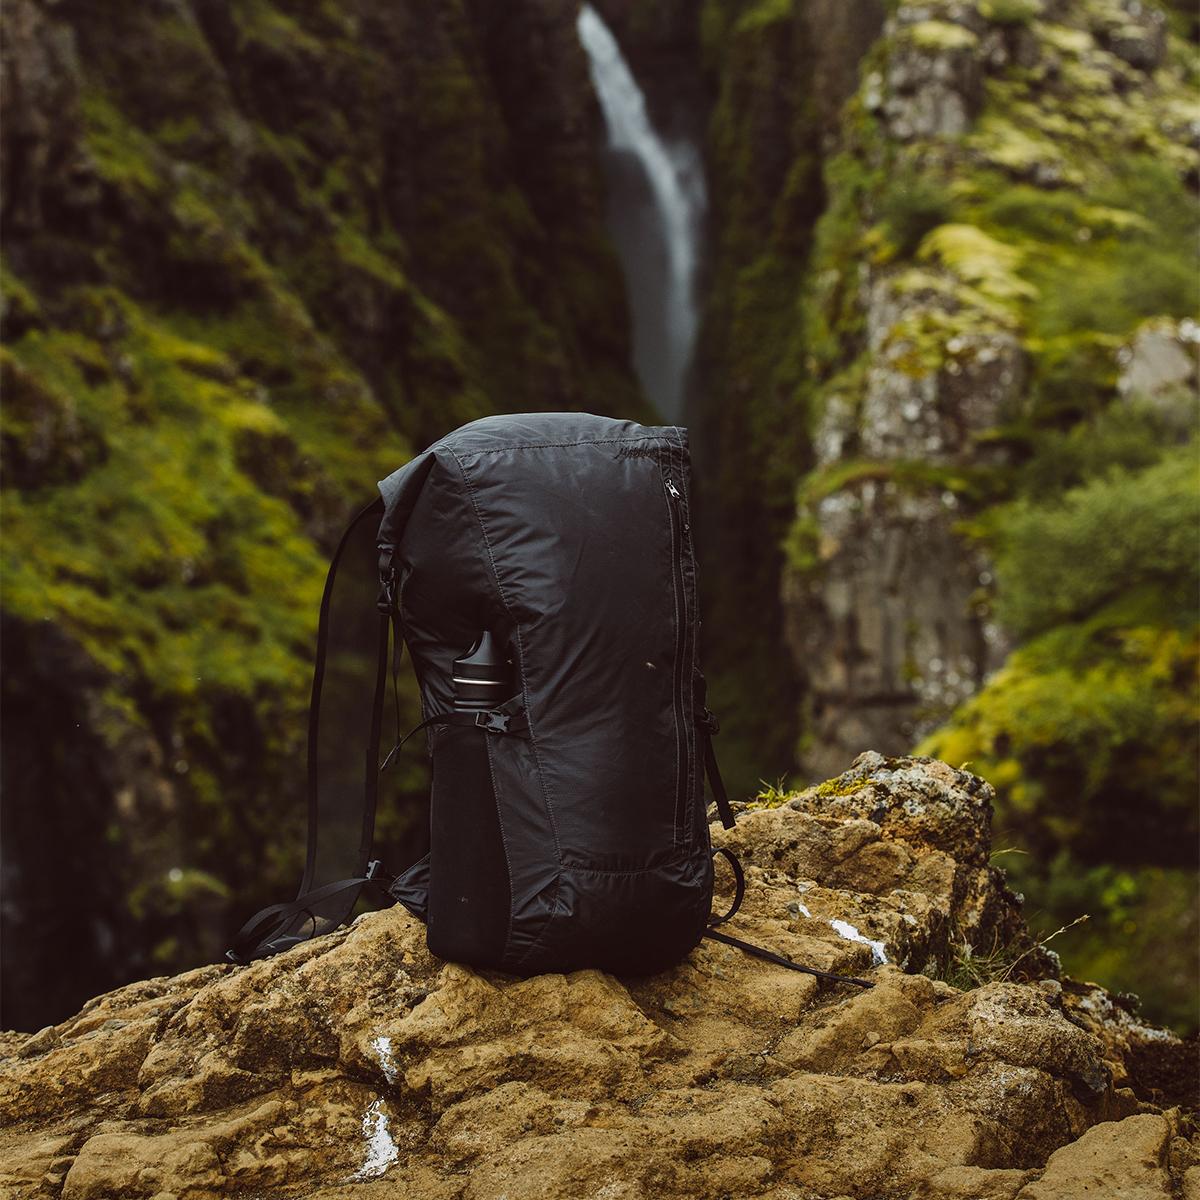 手のひらサイズになる大容量バッグ|《24L/ブラック》旅先や日常生活でアクティブに動き回れる、手のひらサイズにたためる完全防水仕様のバックパック|Matador Freerain24 2.0